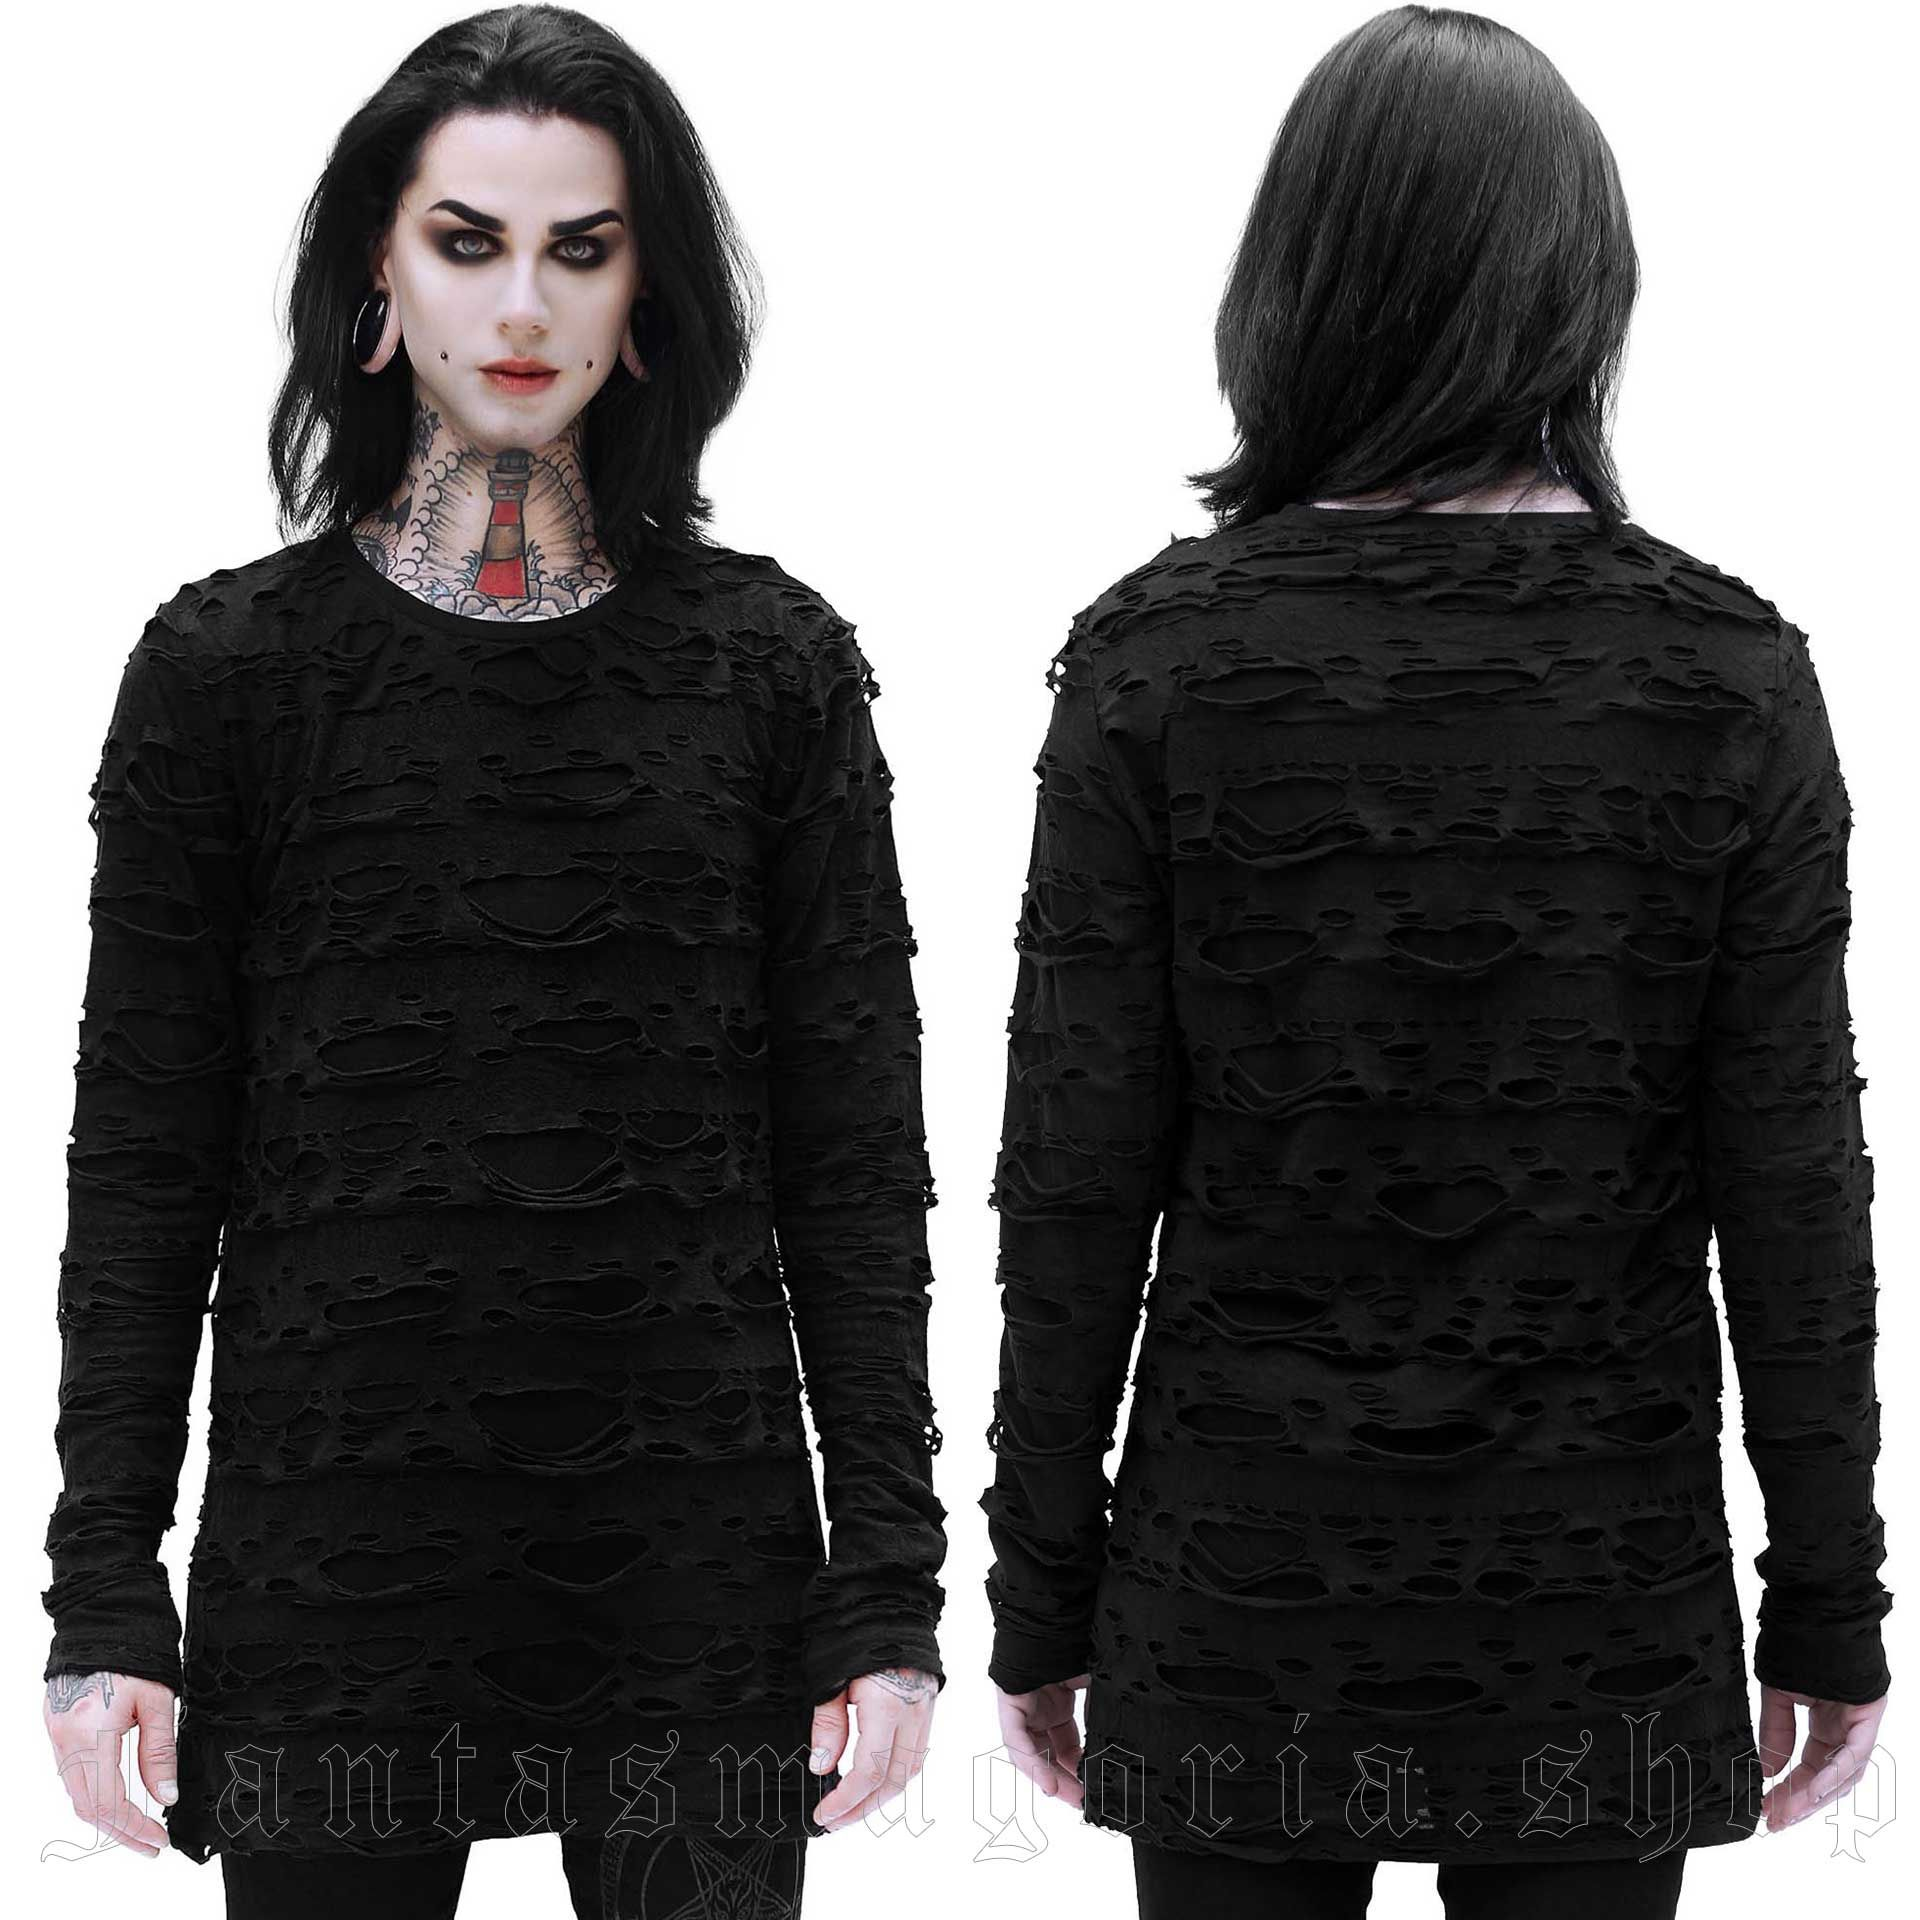 Undertaker Long Sleeve Top